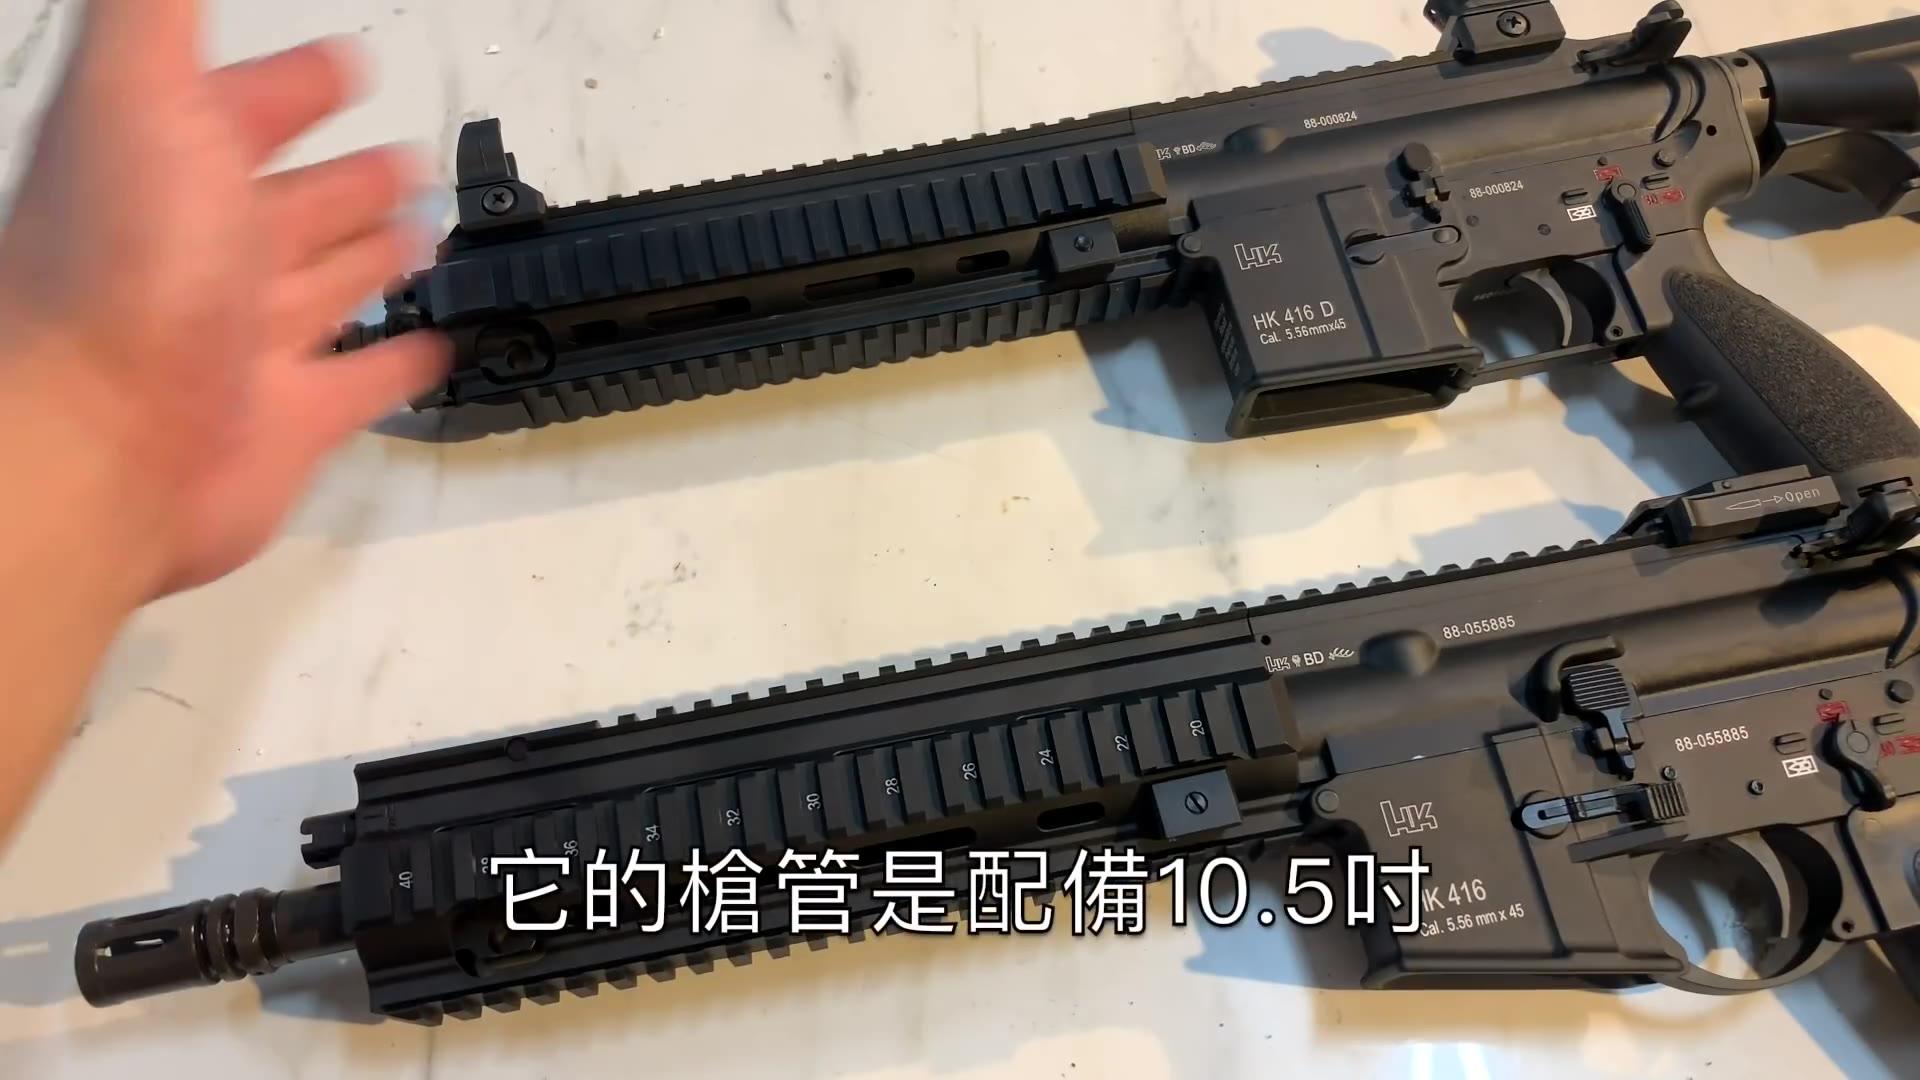 油管搬运|UMAREX _ VFC HK416D VS 416A5 到底差異在哪?